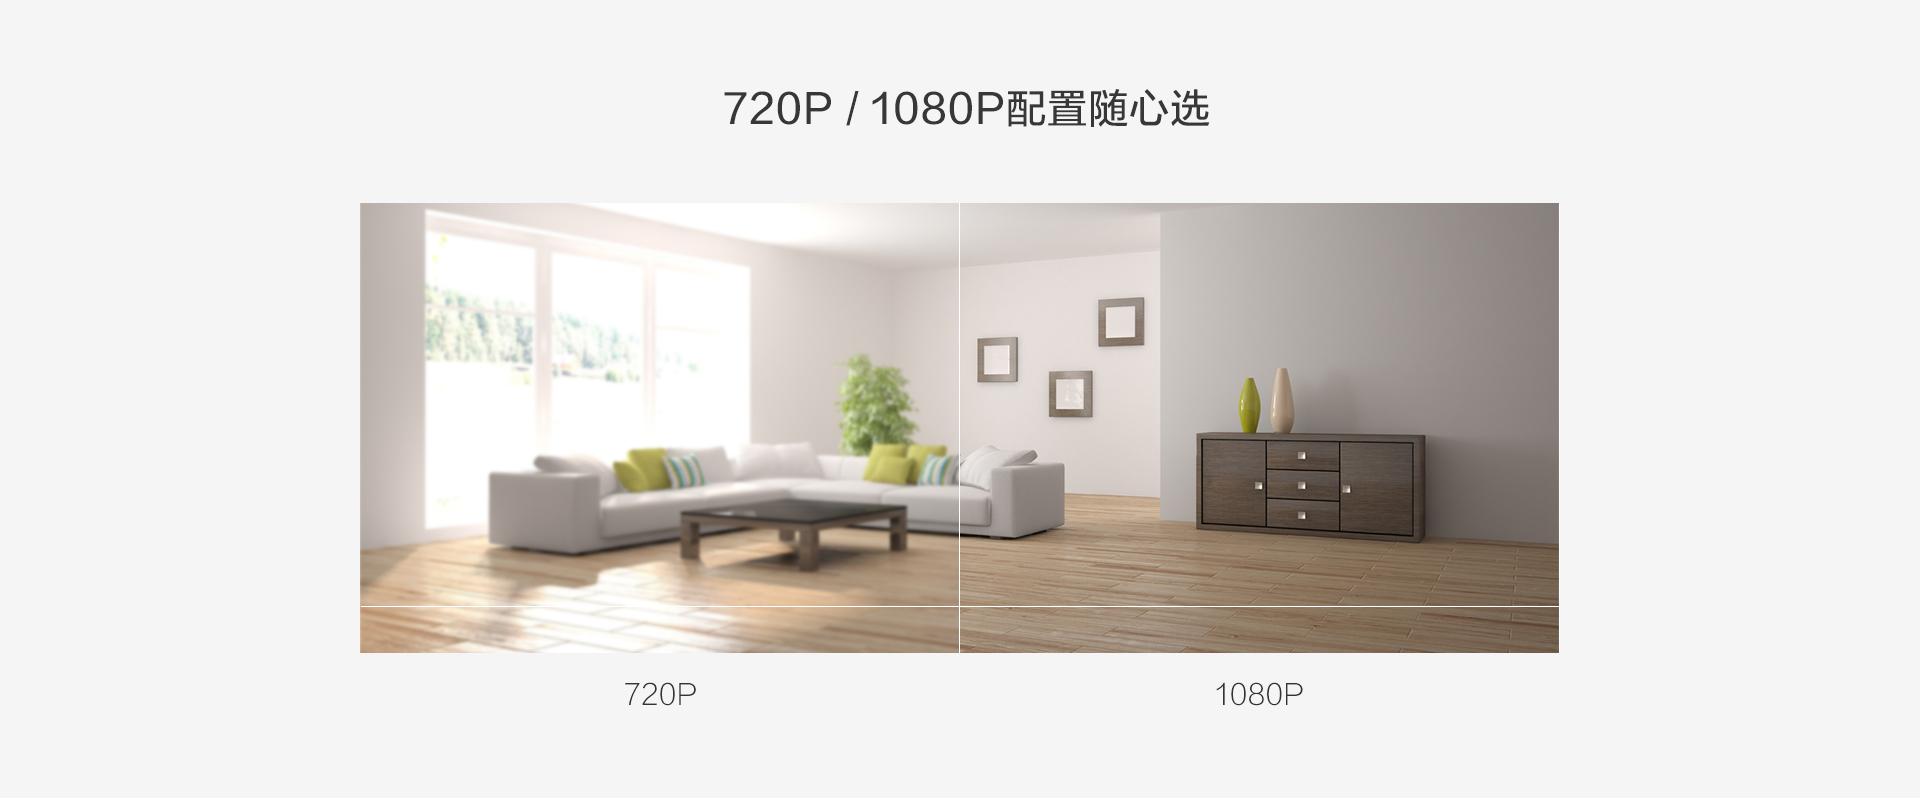 C1HC互联网摄像机-YS-C1HC-12